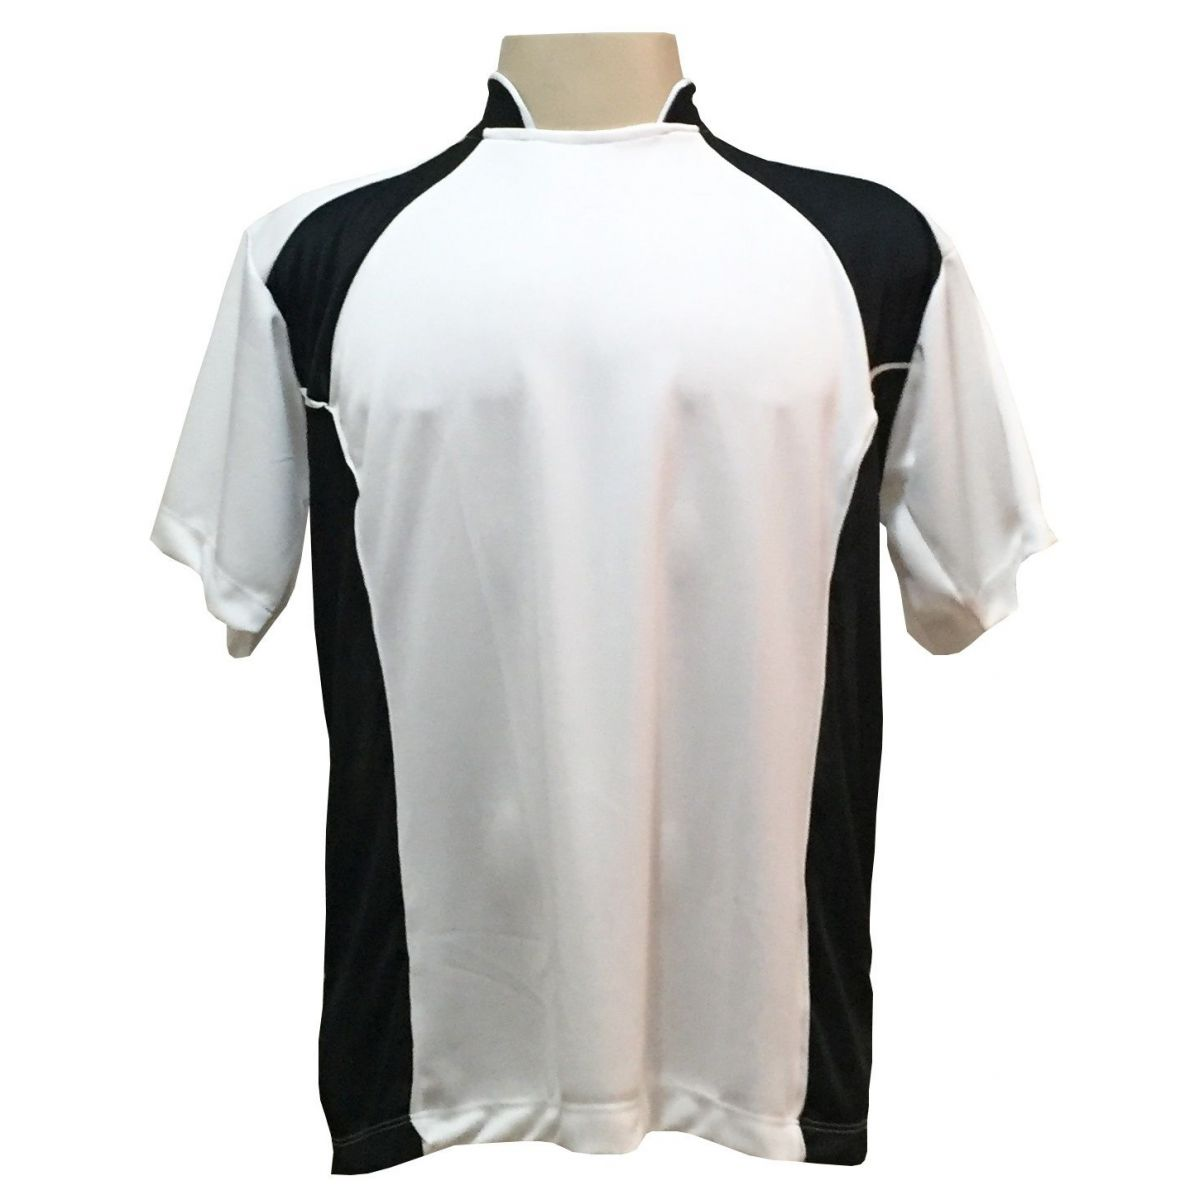 Uniforme Esportivo com 14 camisas modelo Suécia Branco/Preto + 14 calções modelo Madrid + 1 Goleiro + Brindes